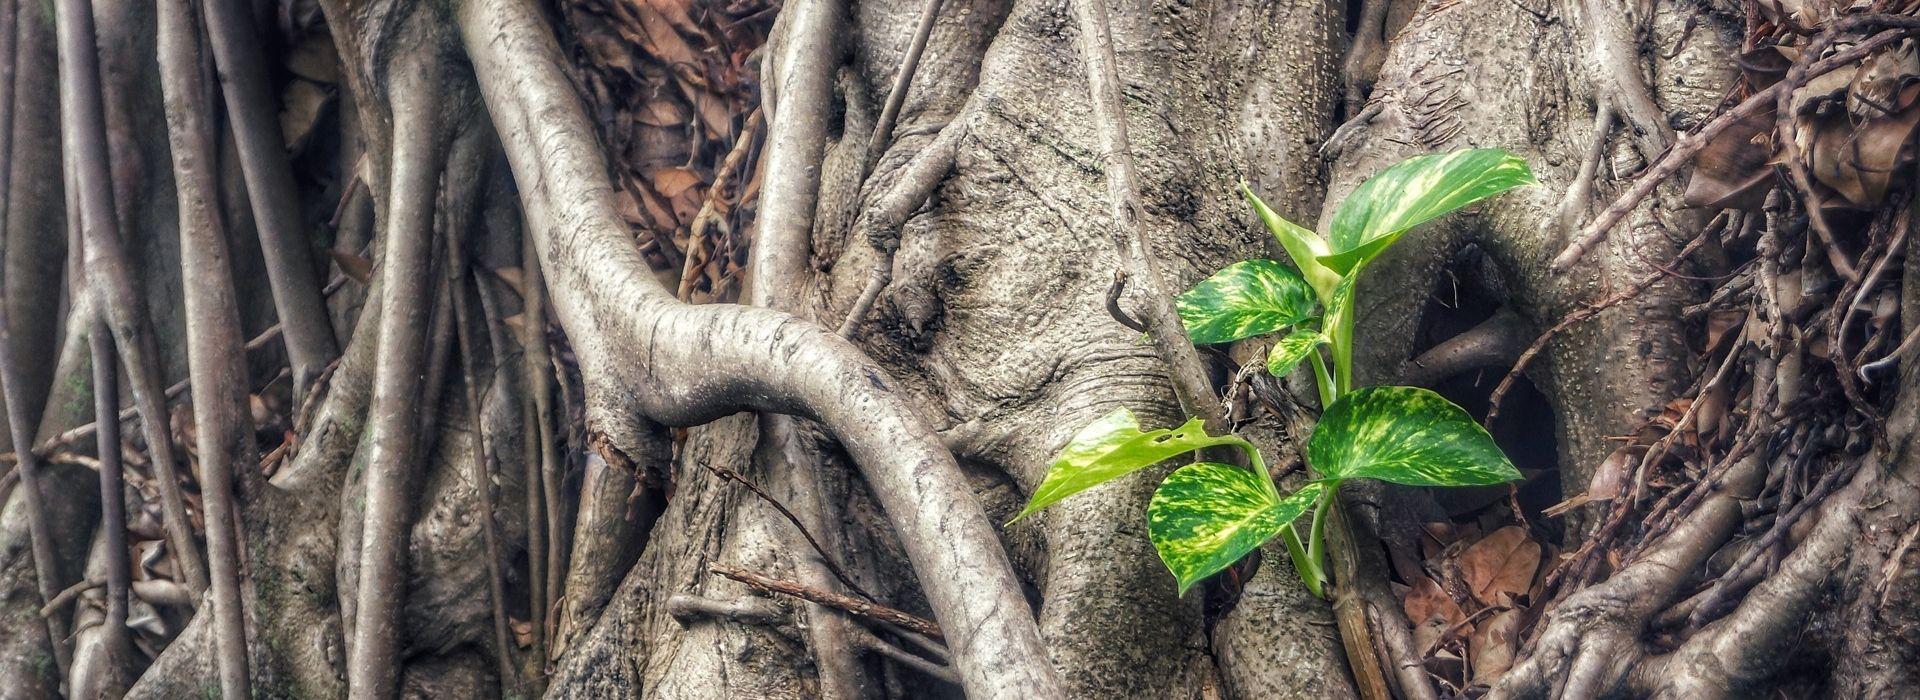 """Rekolekcje """"Bóg ożywia zniszczone korzenie"""""""